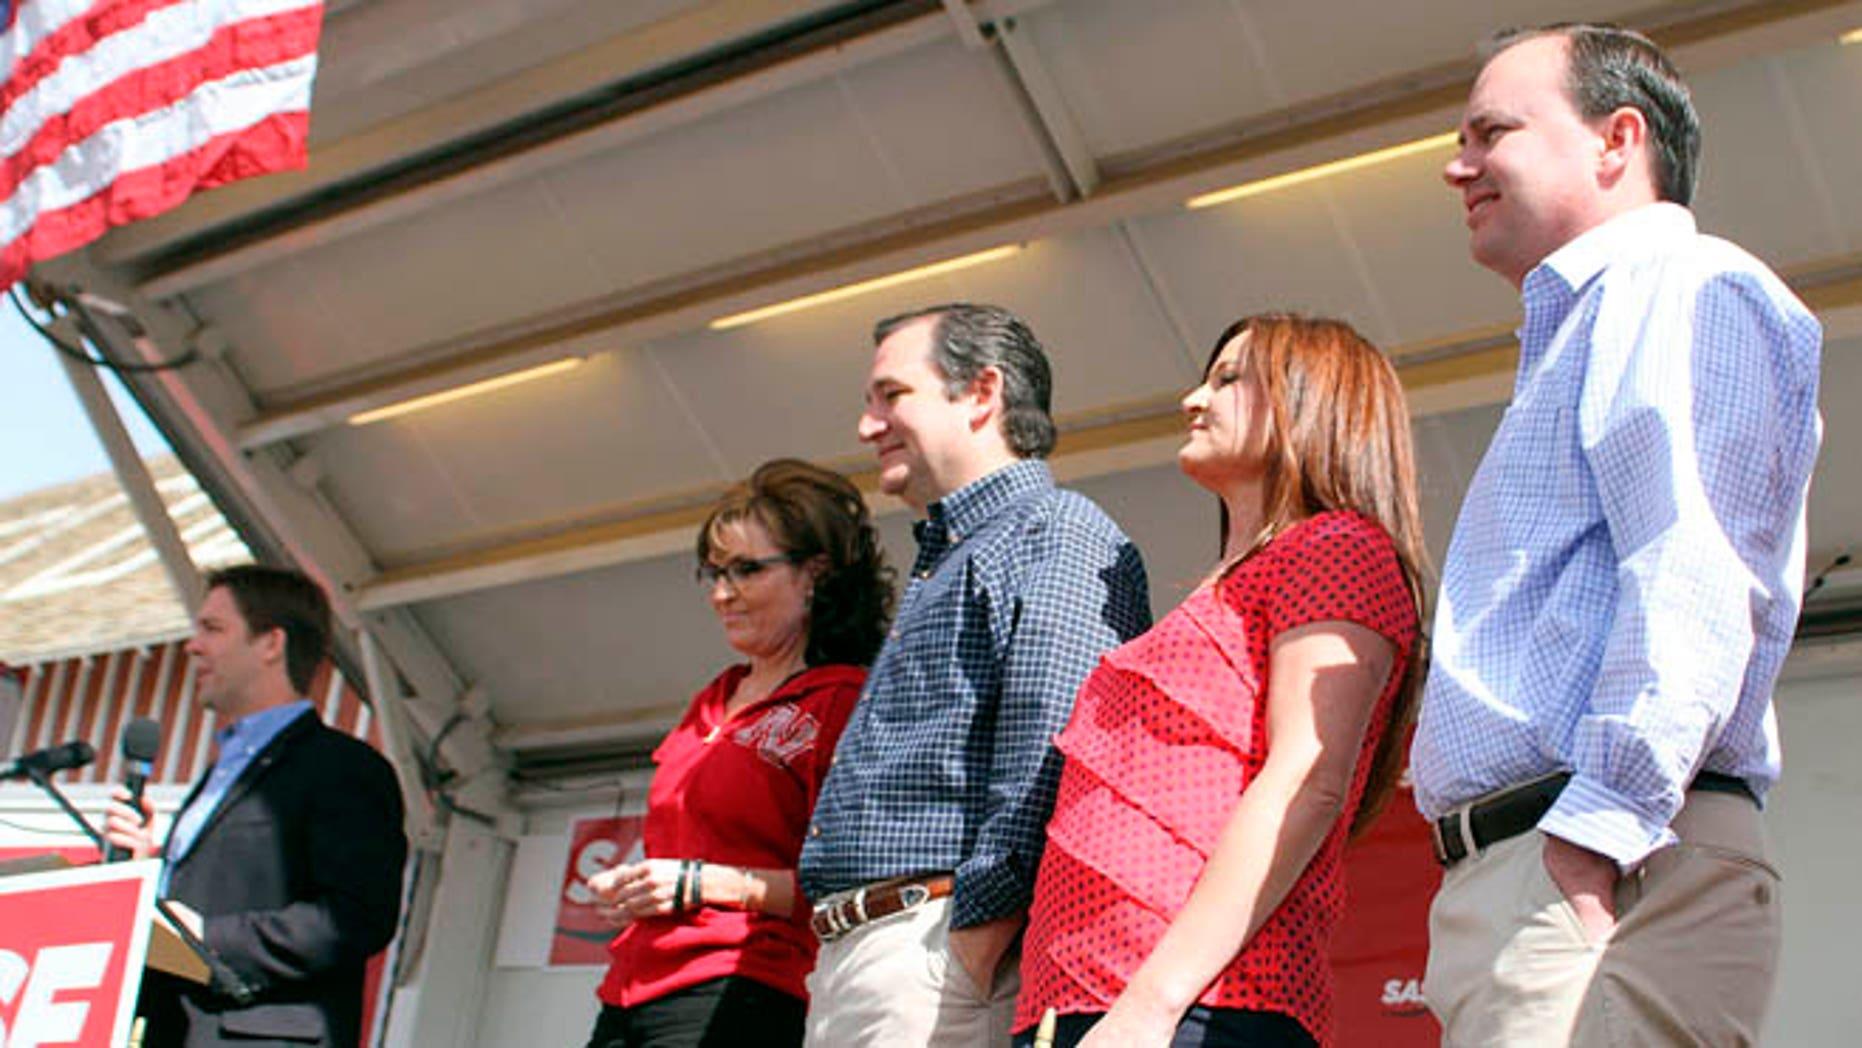 April 25, 2014: Republican Senate candidate Ben Sasse, left; former Alaska Gov. Sarah Palin; Texas Sen. Ted Cruz; Sharon Lee; Utah Sen. Mike Lee, stand together on the platform in North Platte, Neb., at a rally for Sasse.